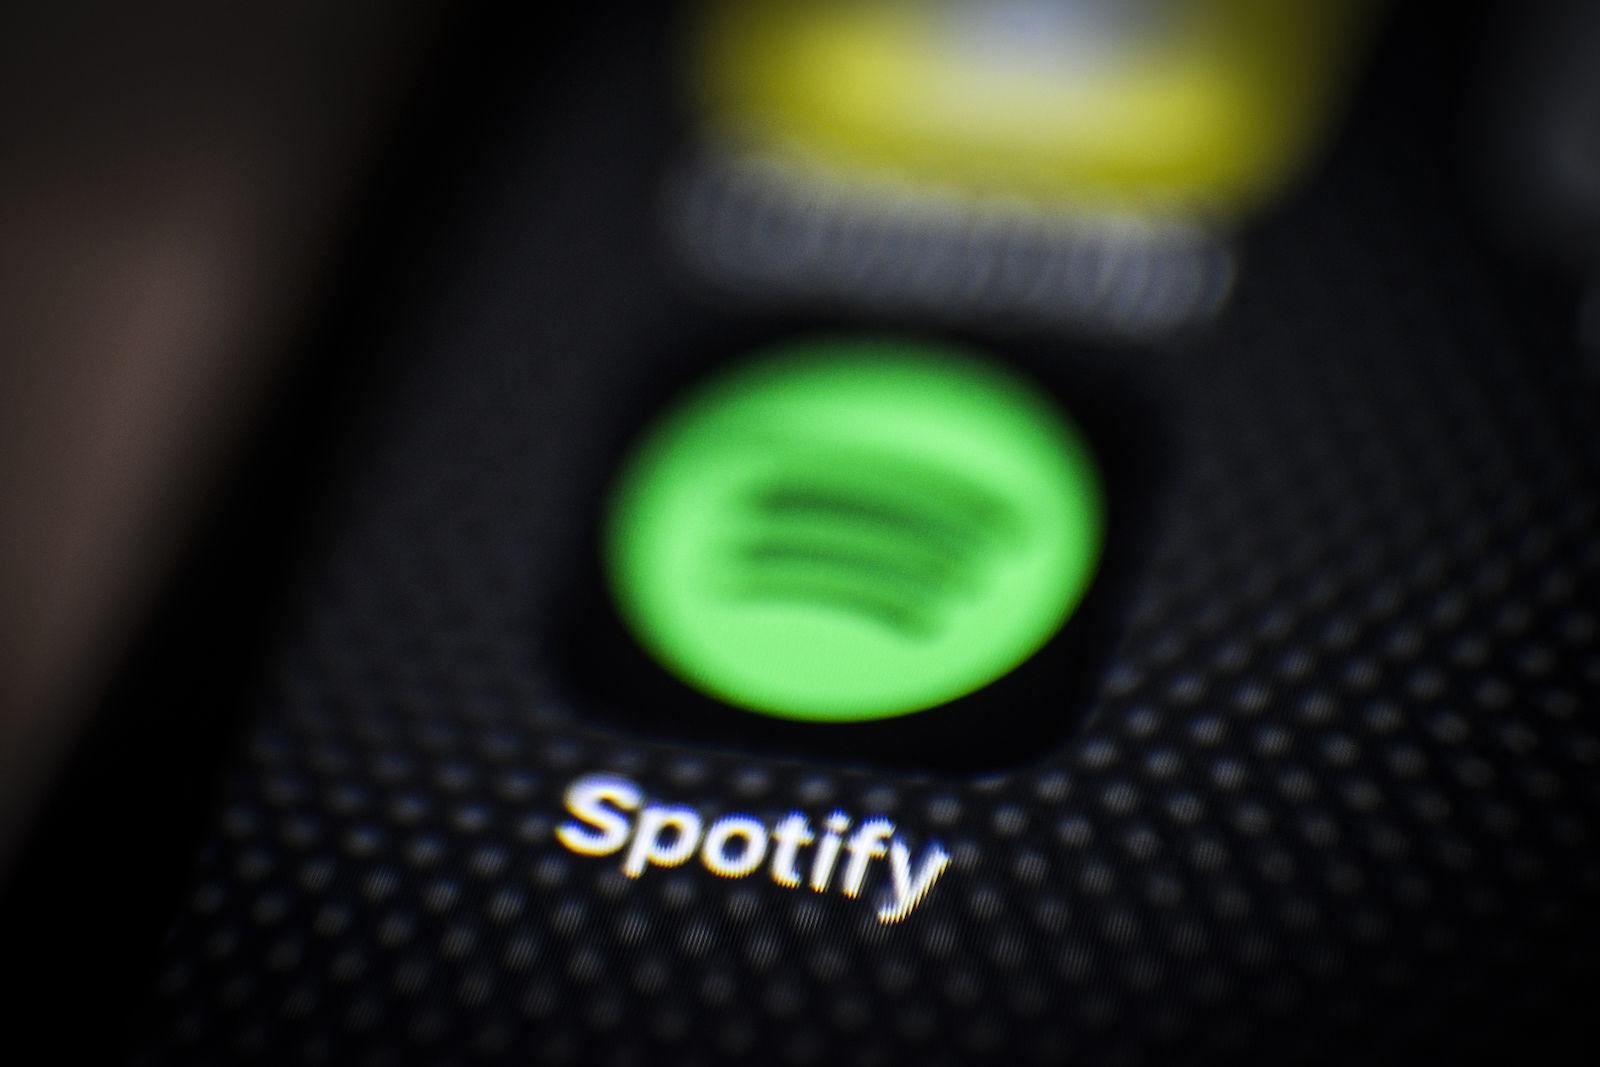 Spotify mění podmínky, za blokování reklamy bude trestat